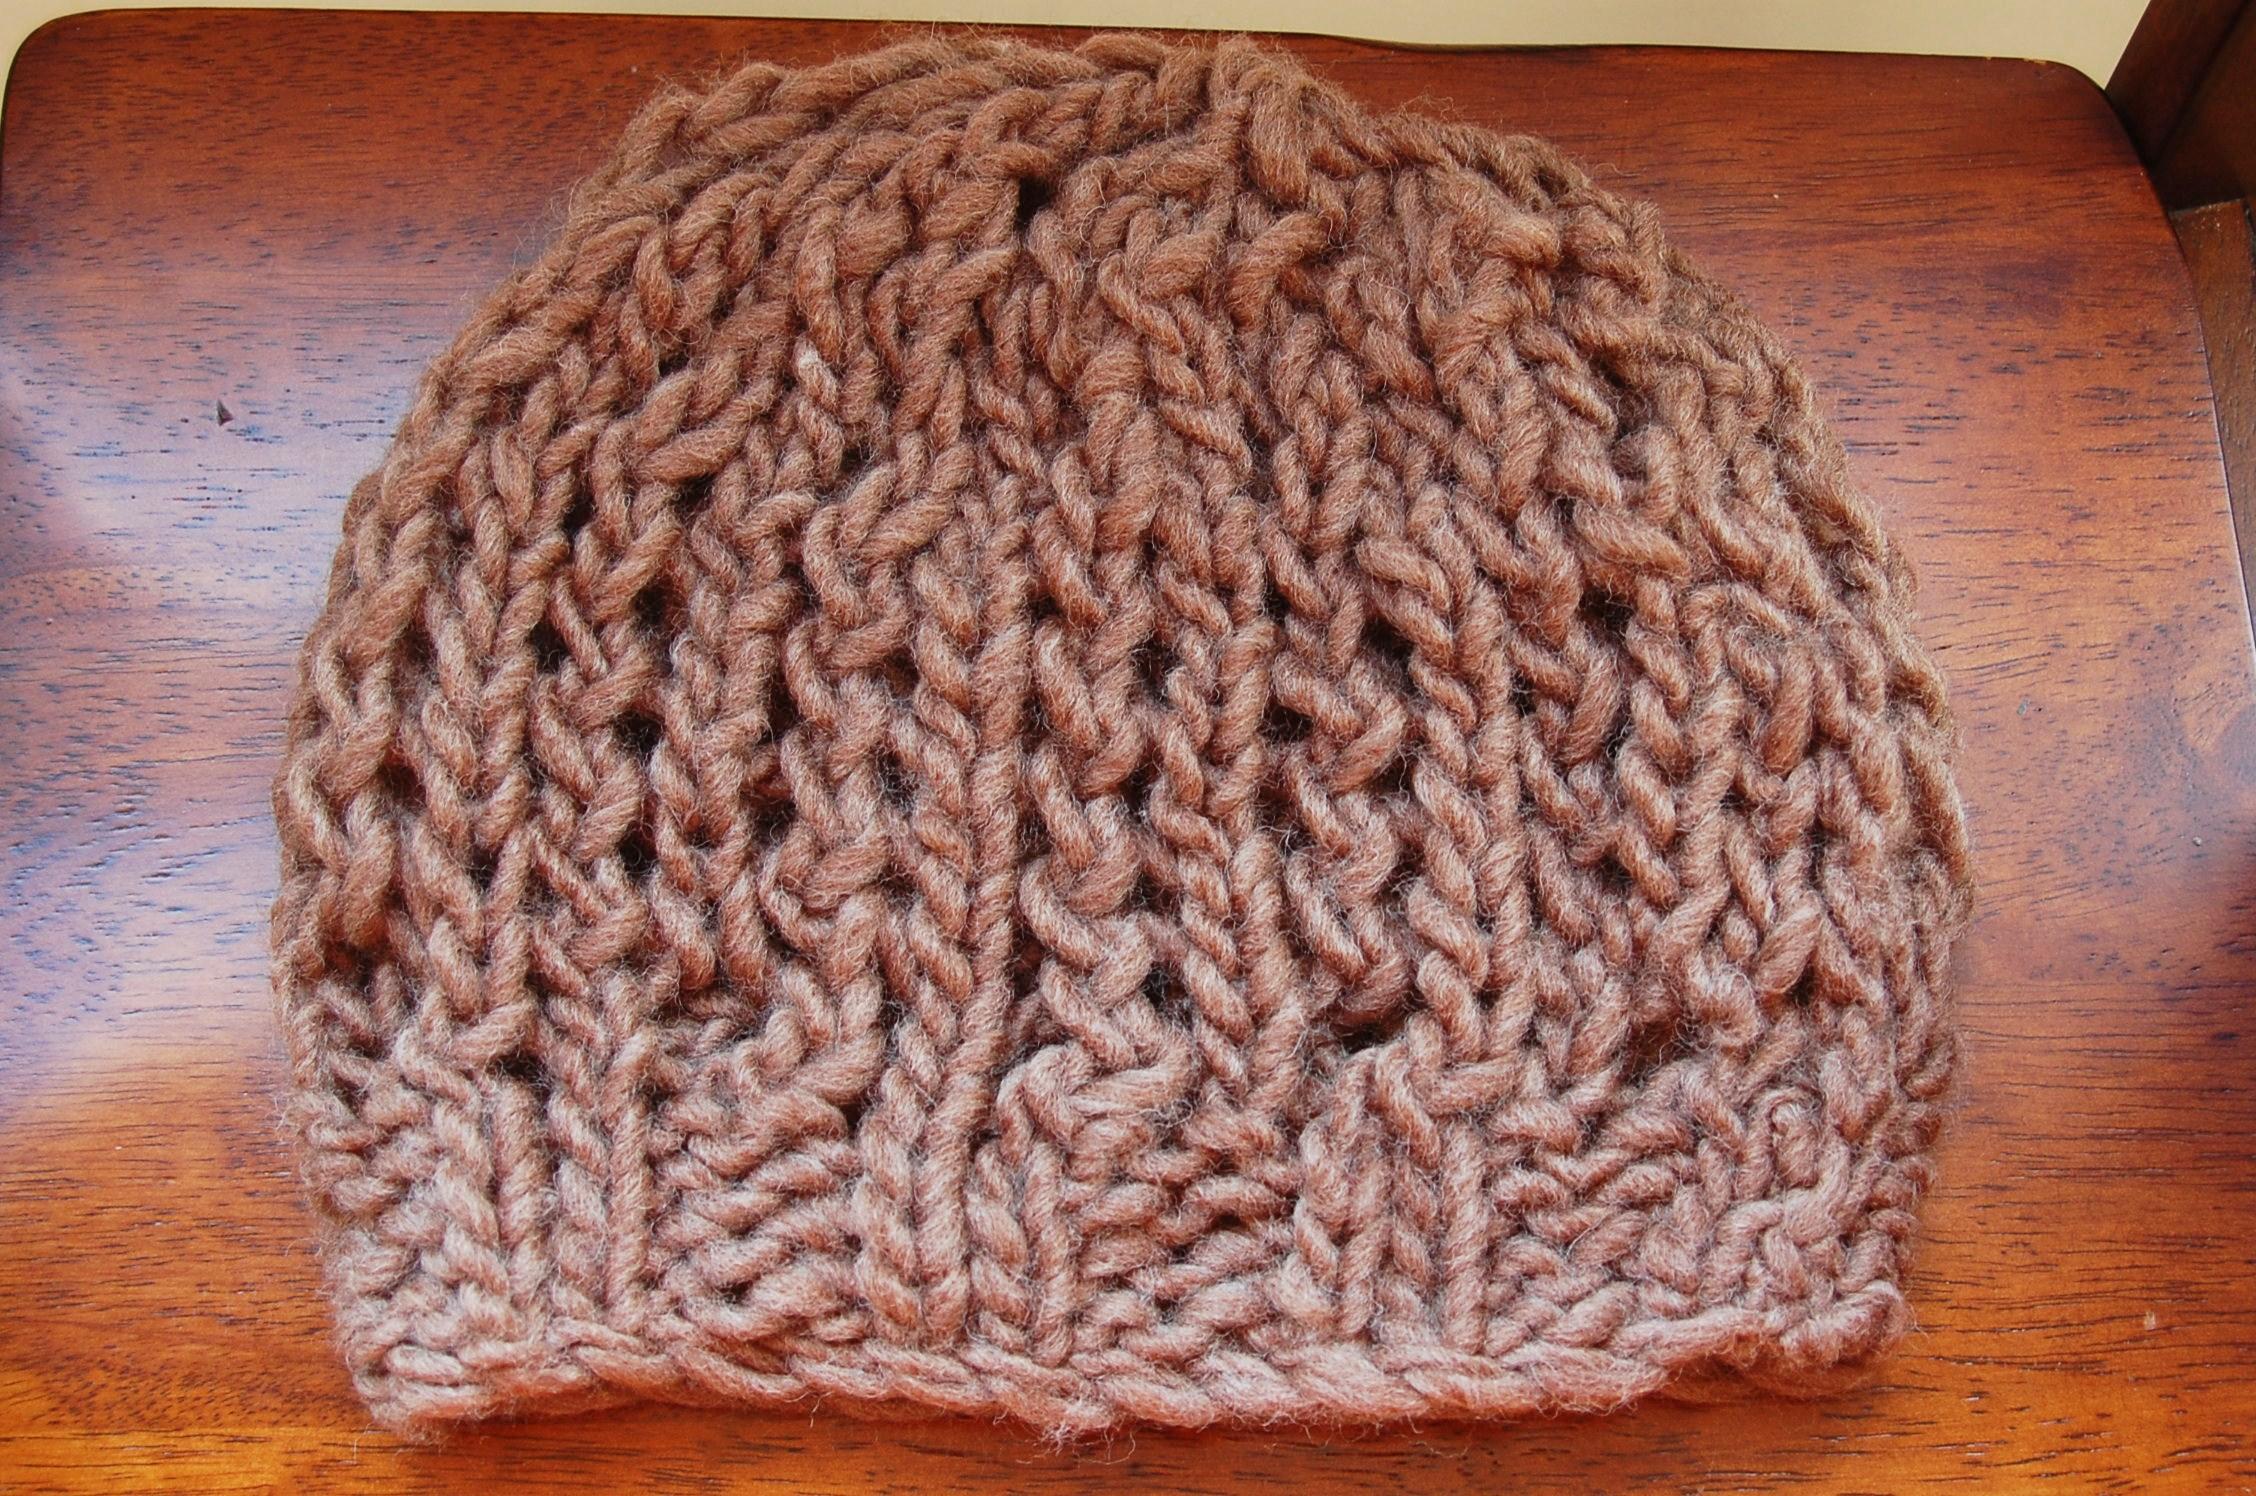 Chunky knit fall hat free pattern open lace design by jjcrochet knit fall hat pattern bankloansurffo Images